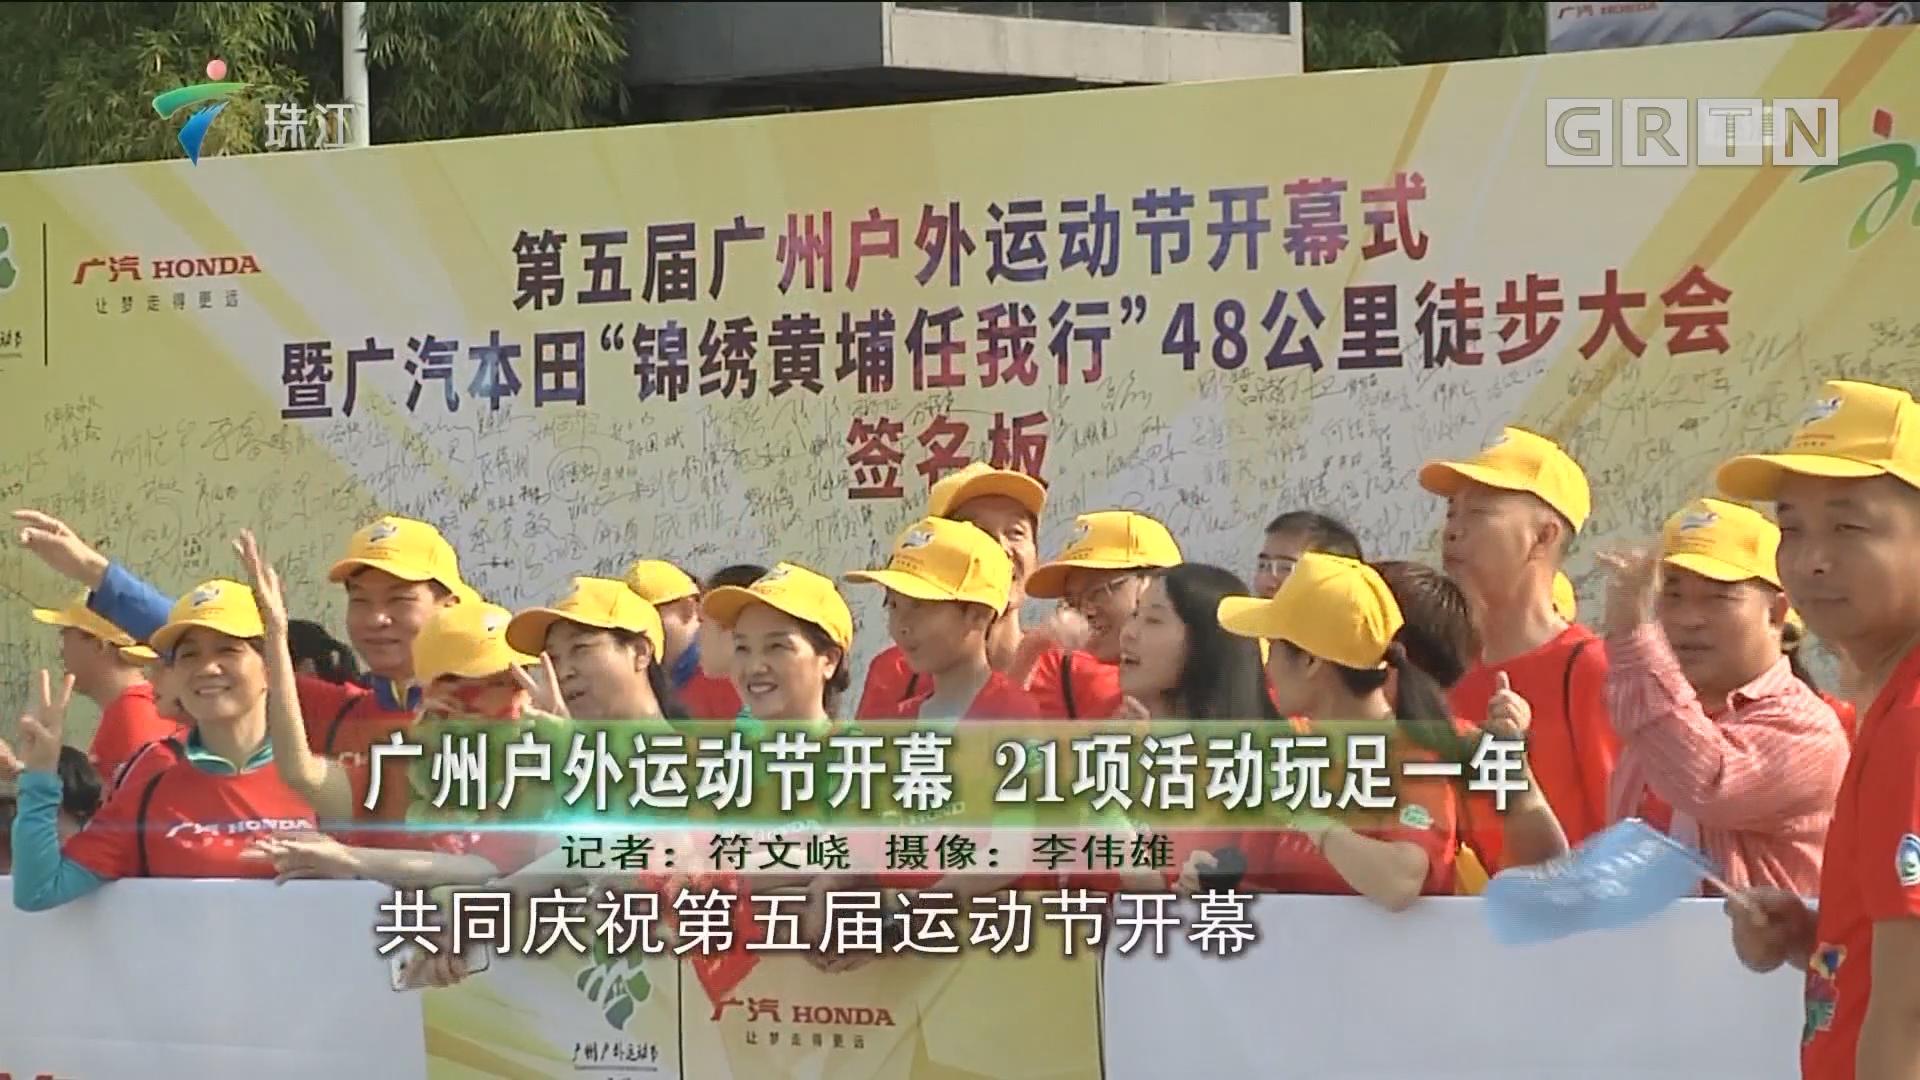 广州户外运动节开幕 21项活动玩足一年